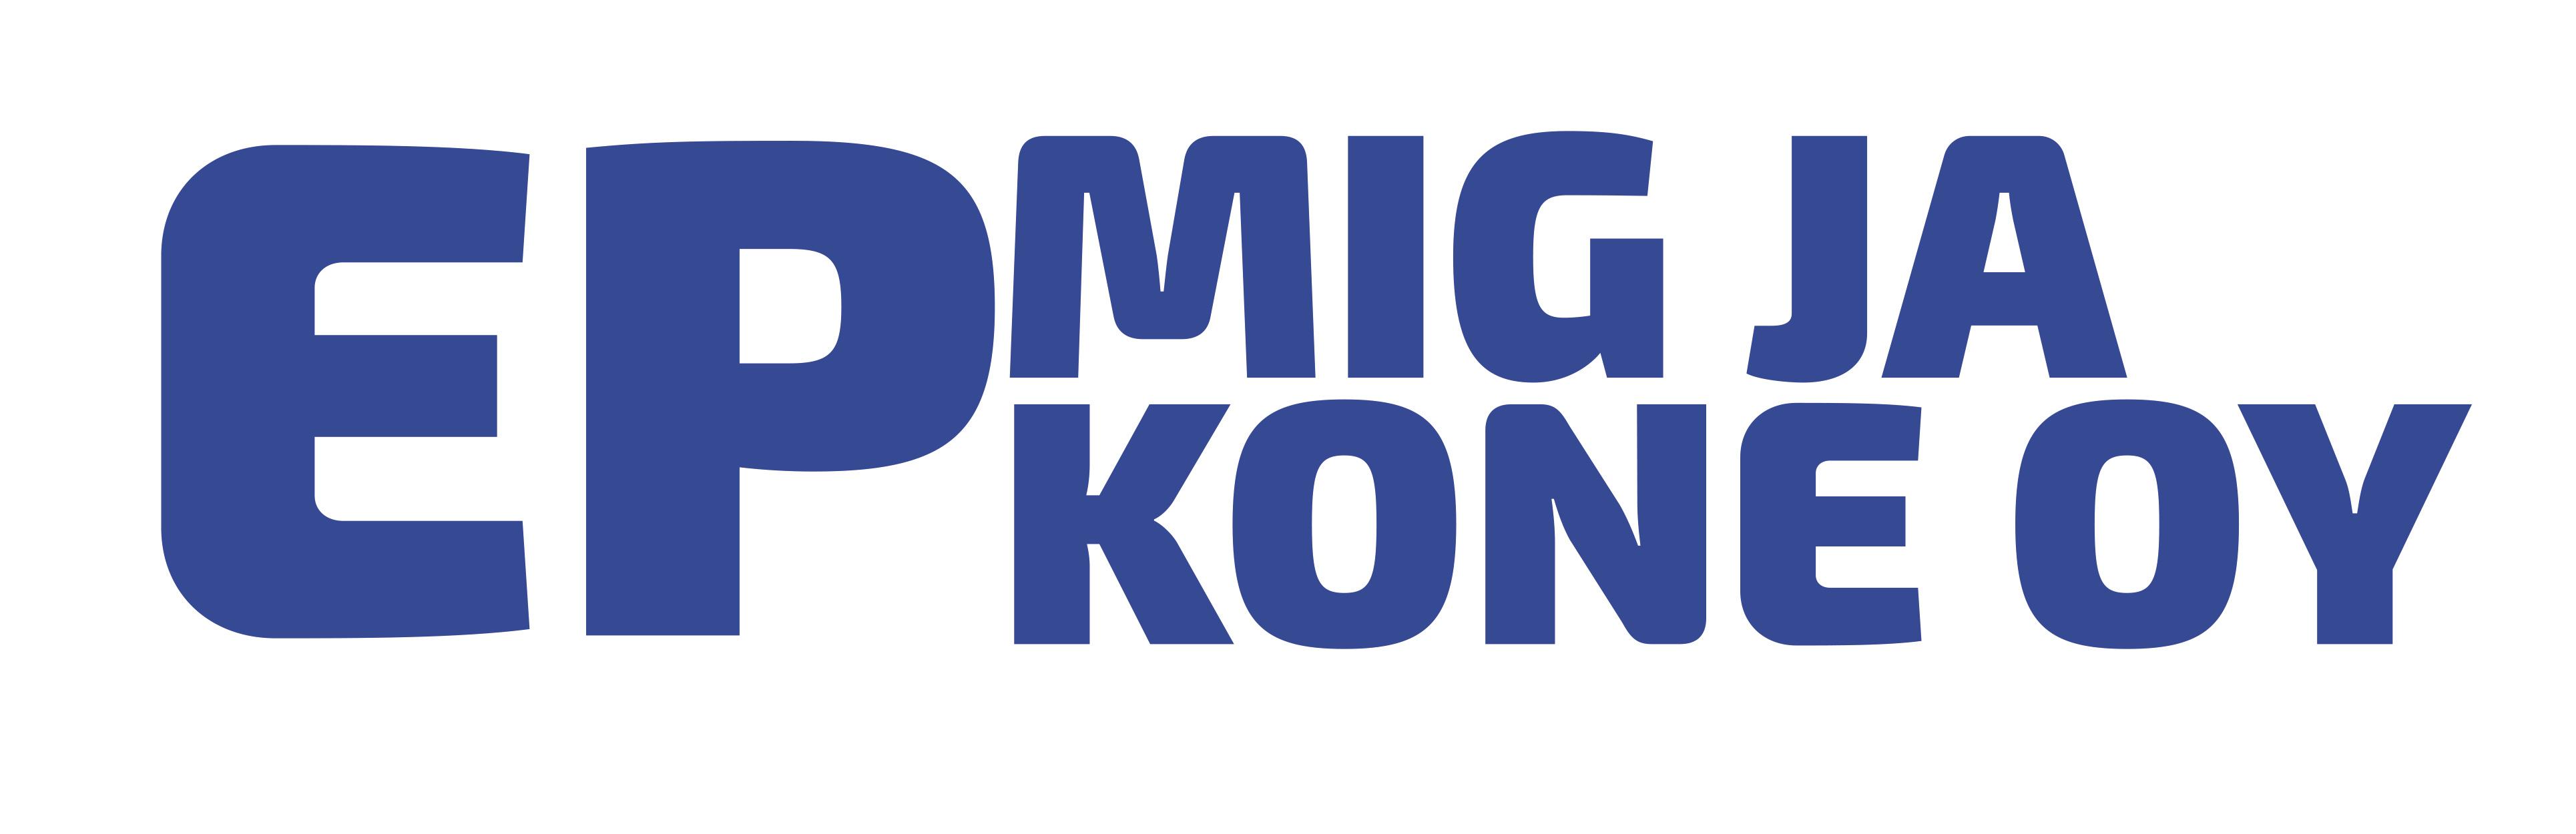 mig_ja_kone_logo_ei_kipinoita_jpg